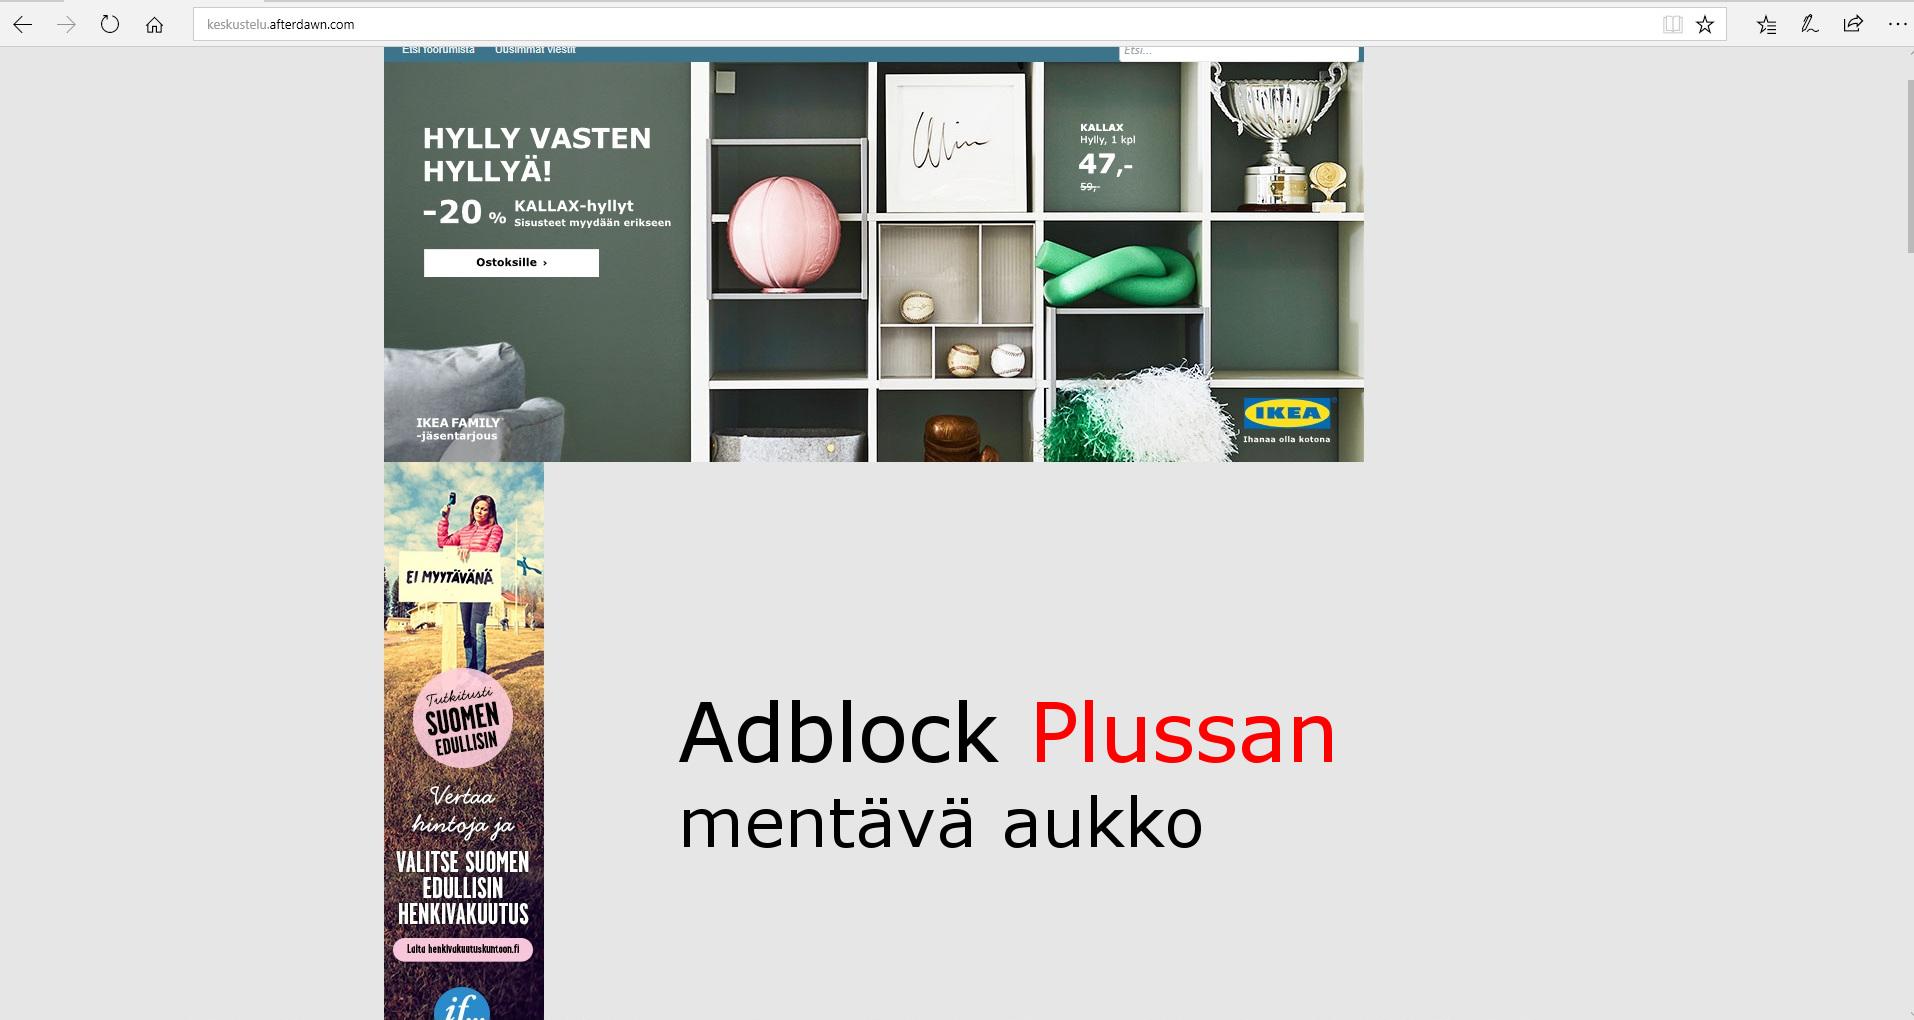 adblock2.